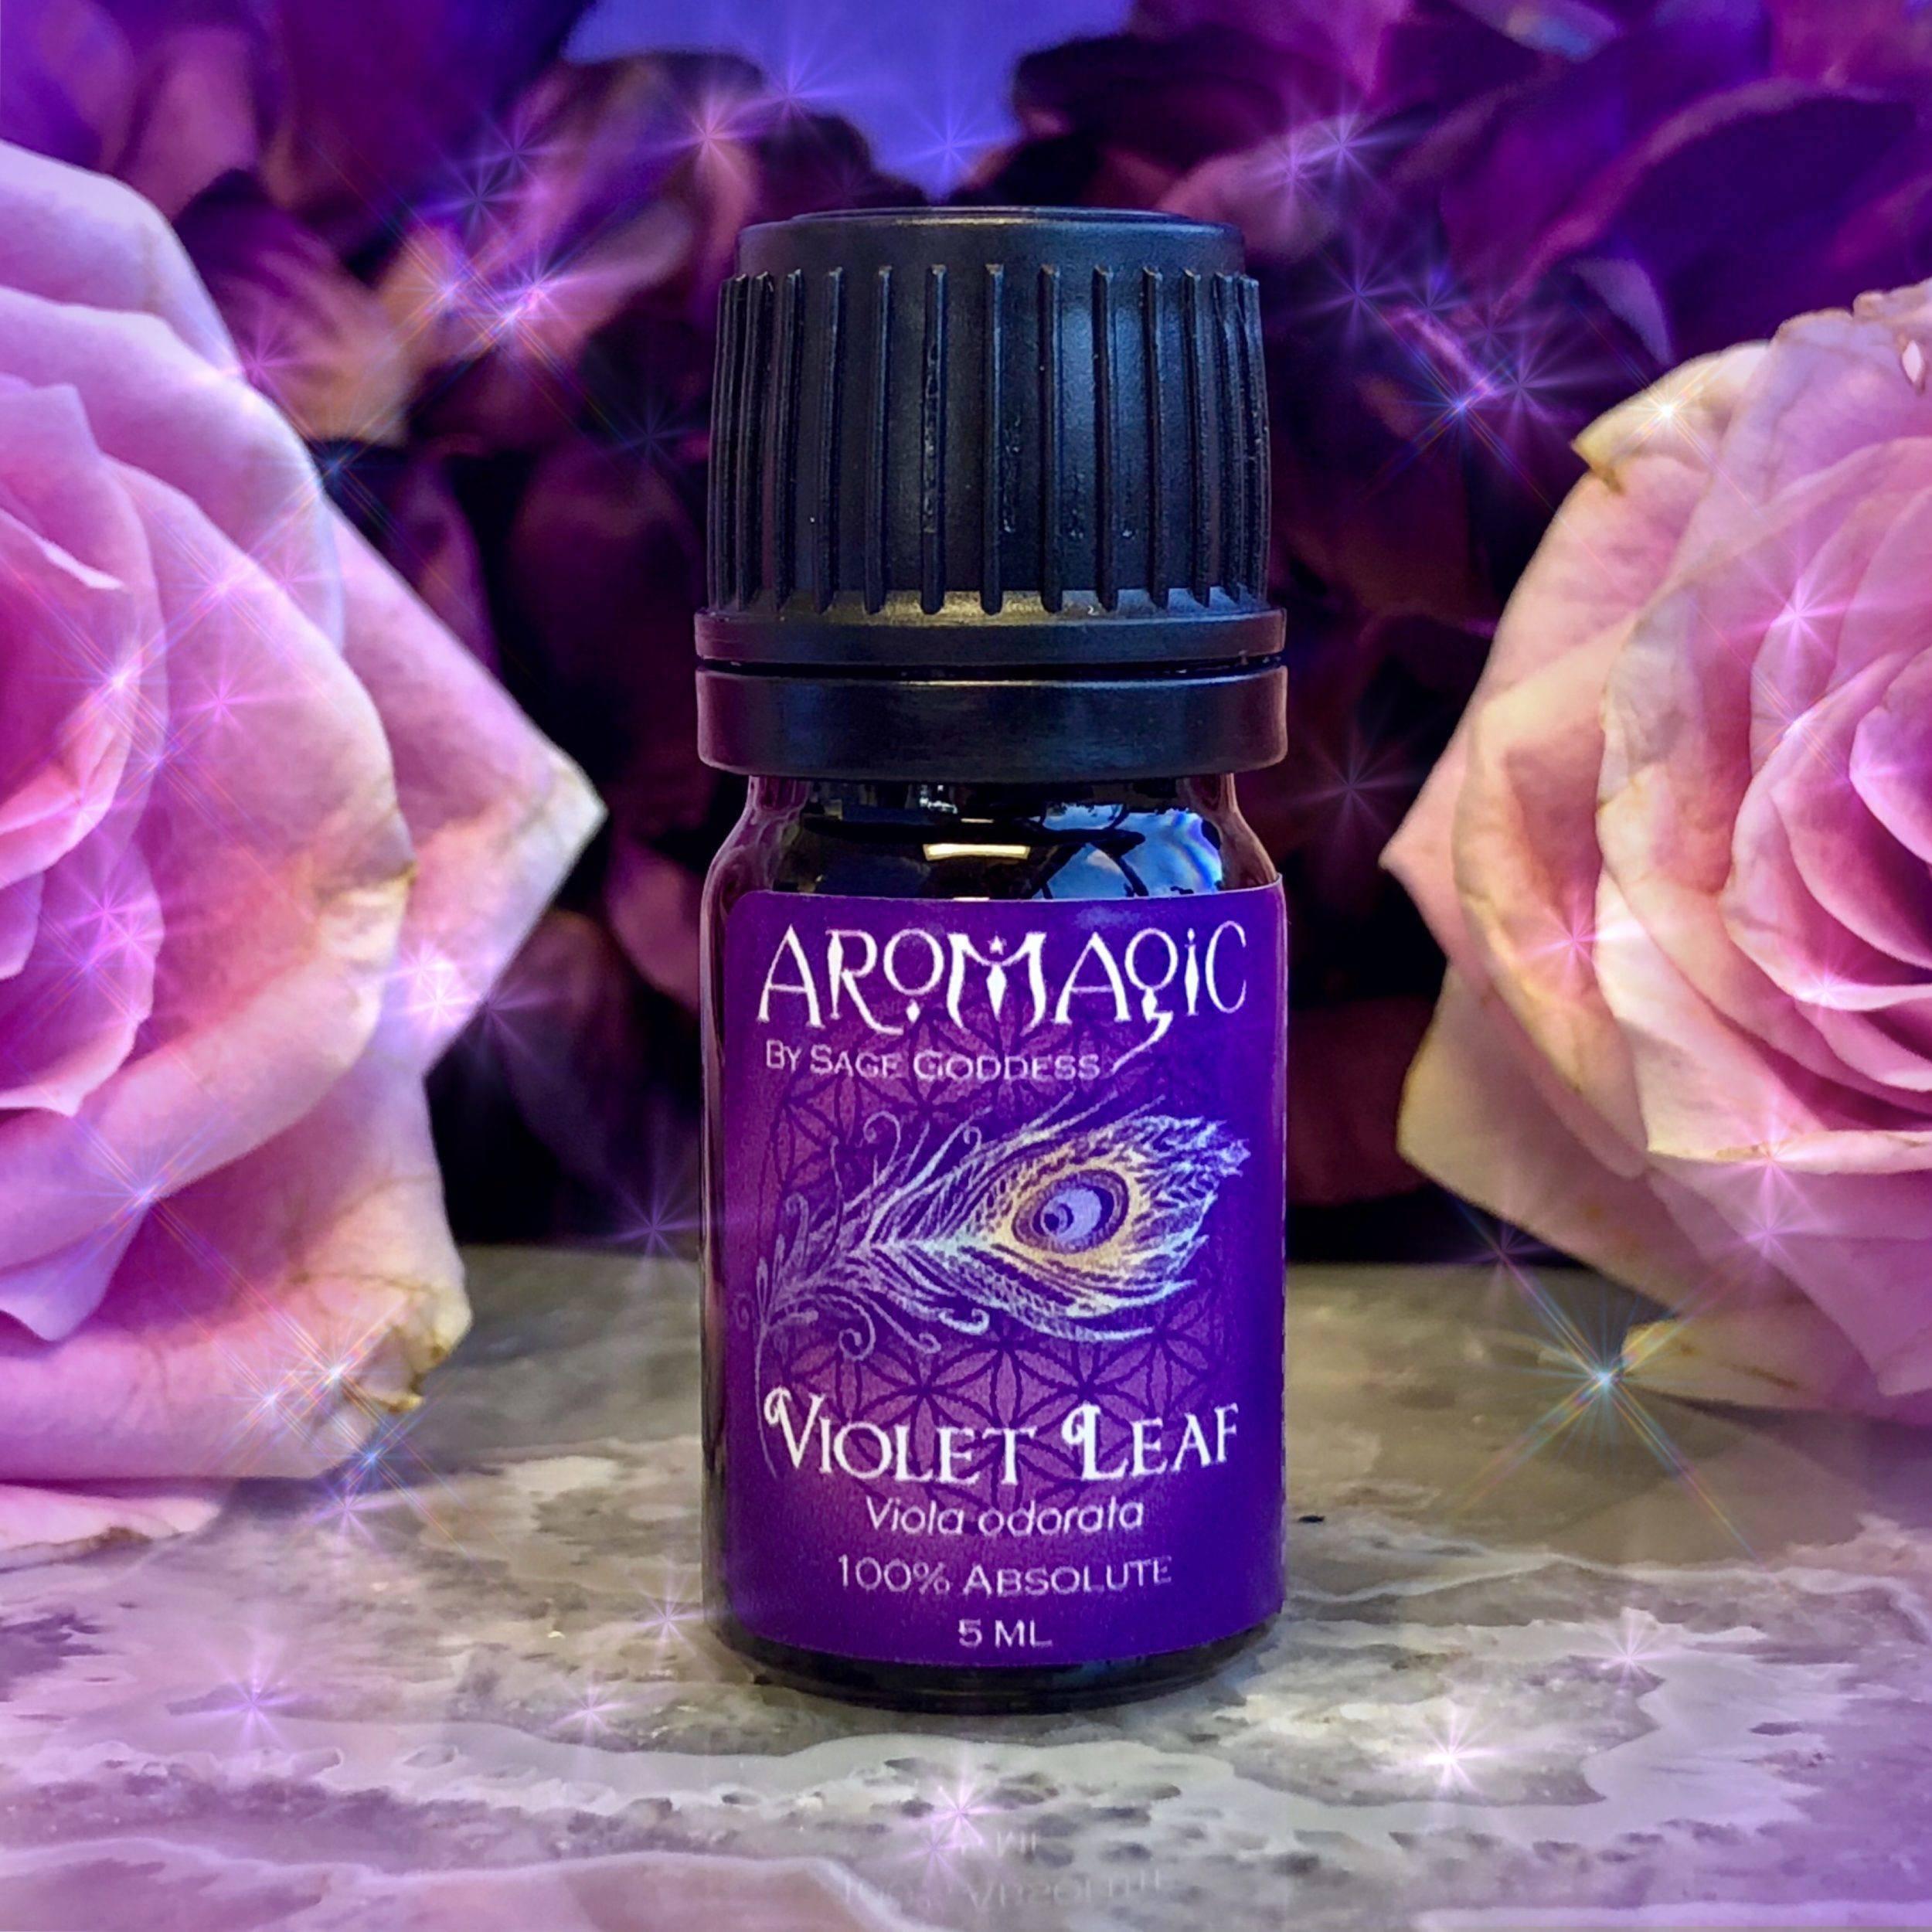 Violet_Leaf_Absolute_1of1_10_12